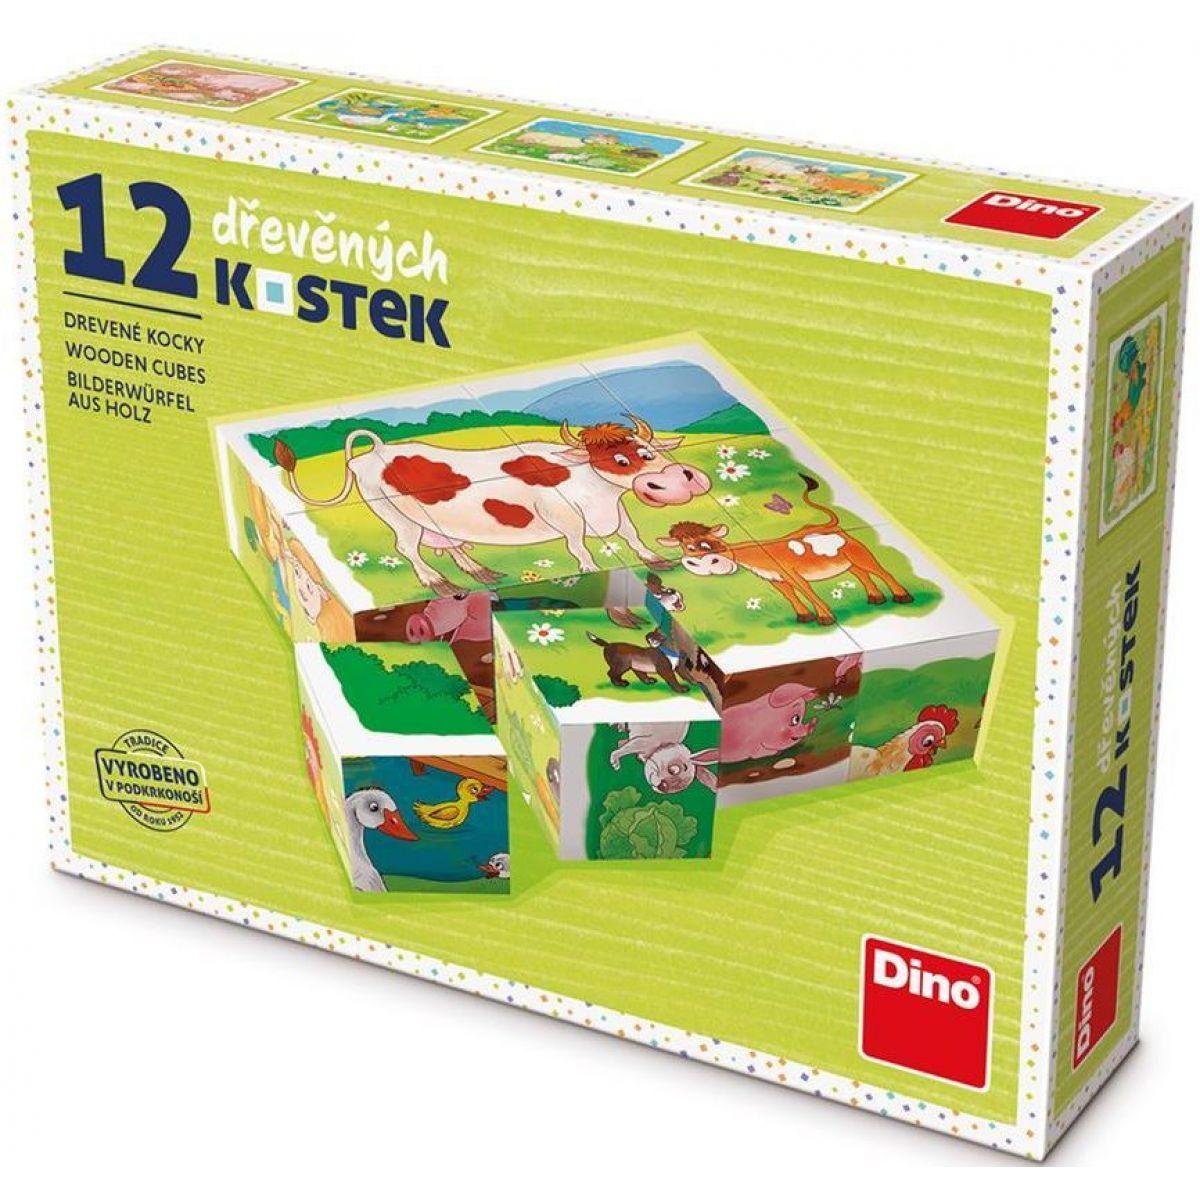 Dino Na Farmě dřevěné kostky 12 ks